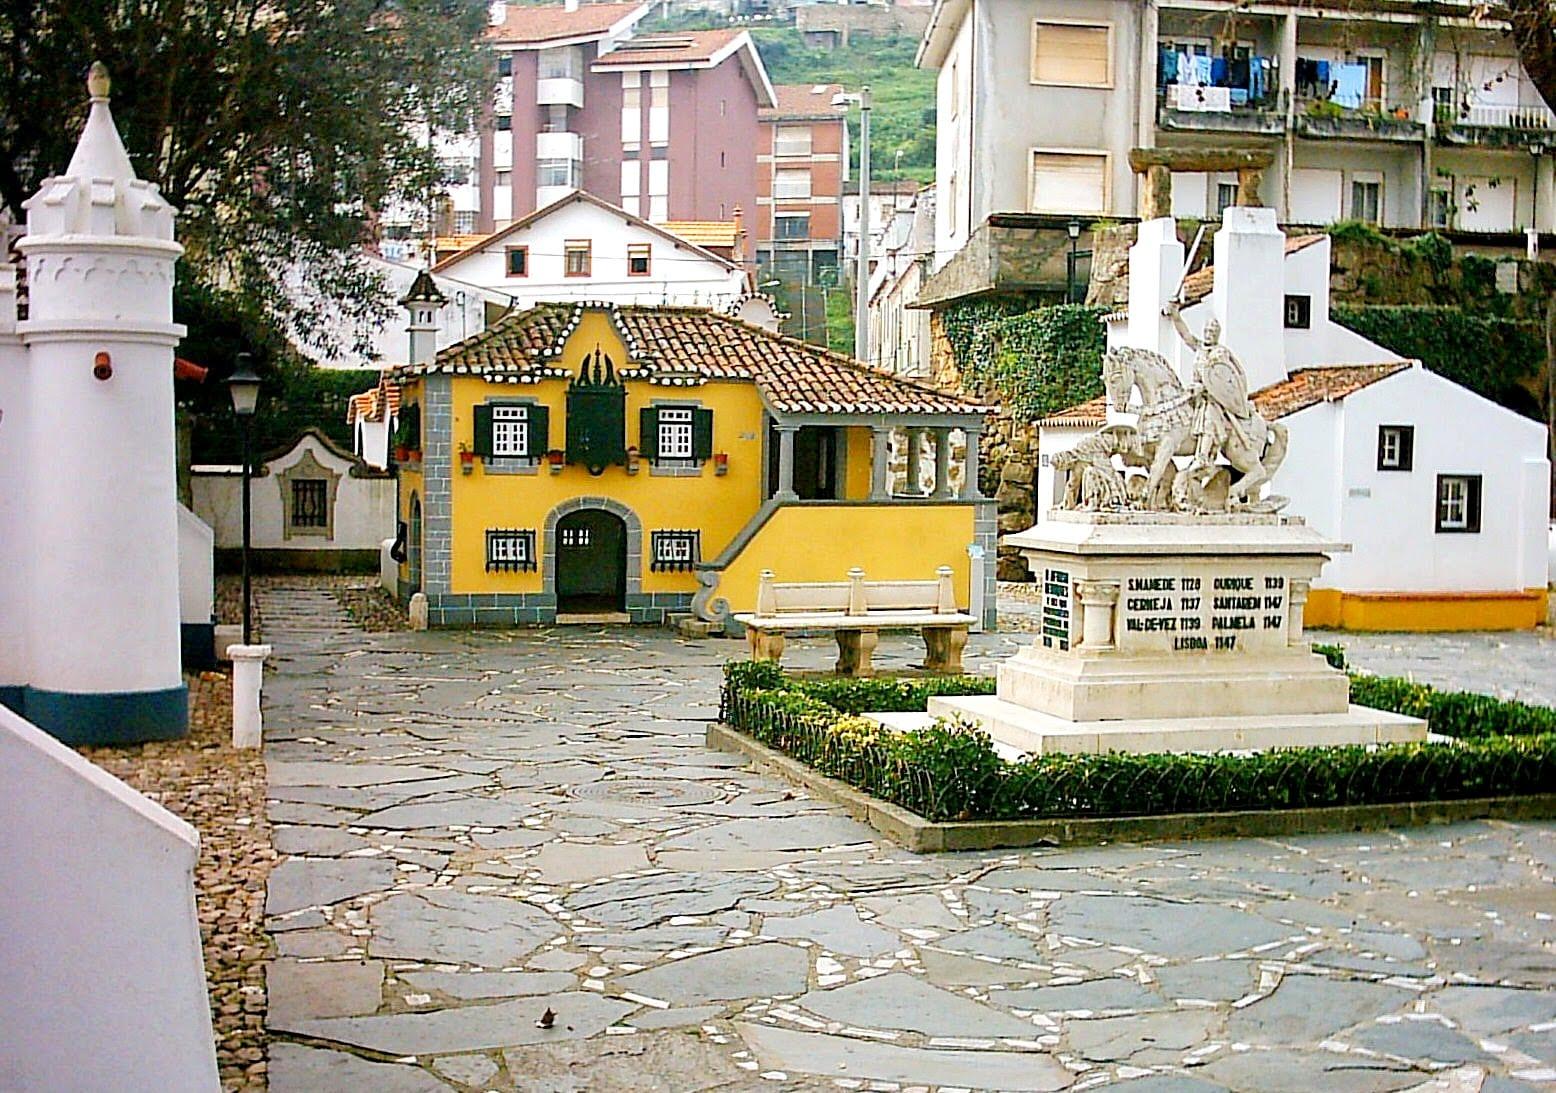 Sítios a visitar com crianças e toda a família: Portugal dos Pequenitos